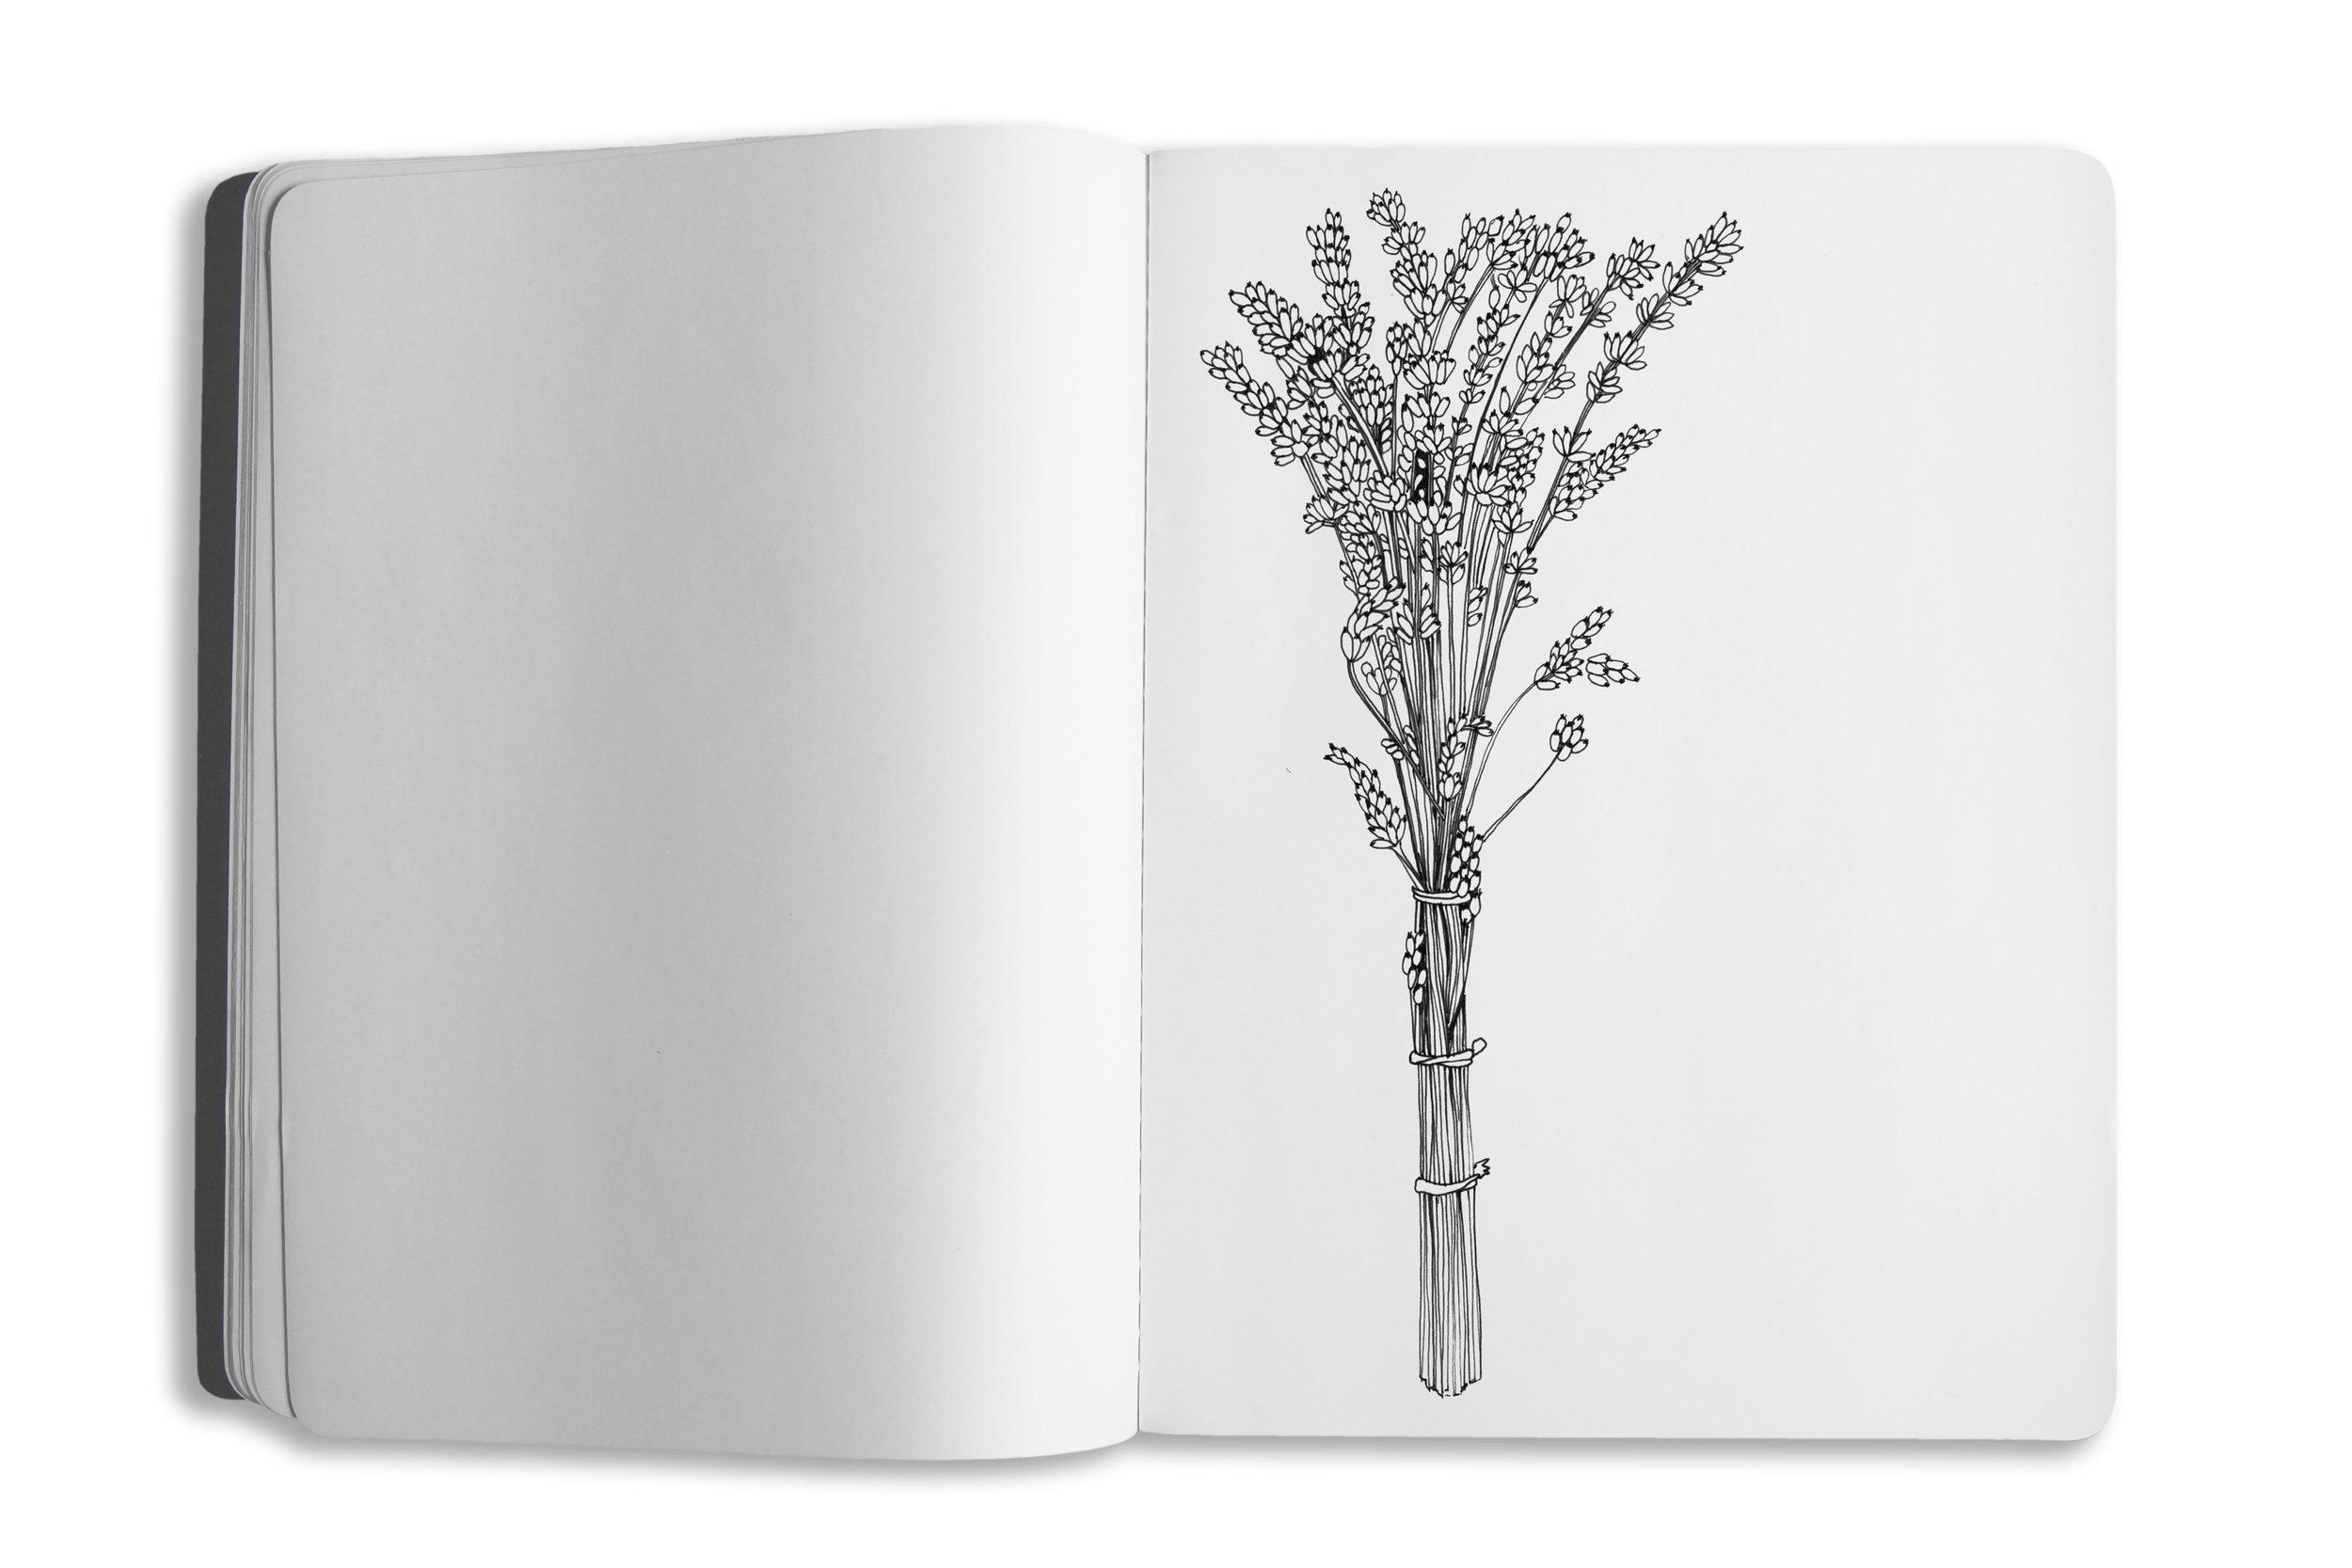 sketchbook-template-03-pg02.jpg